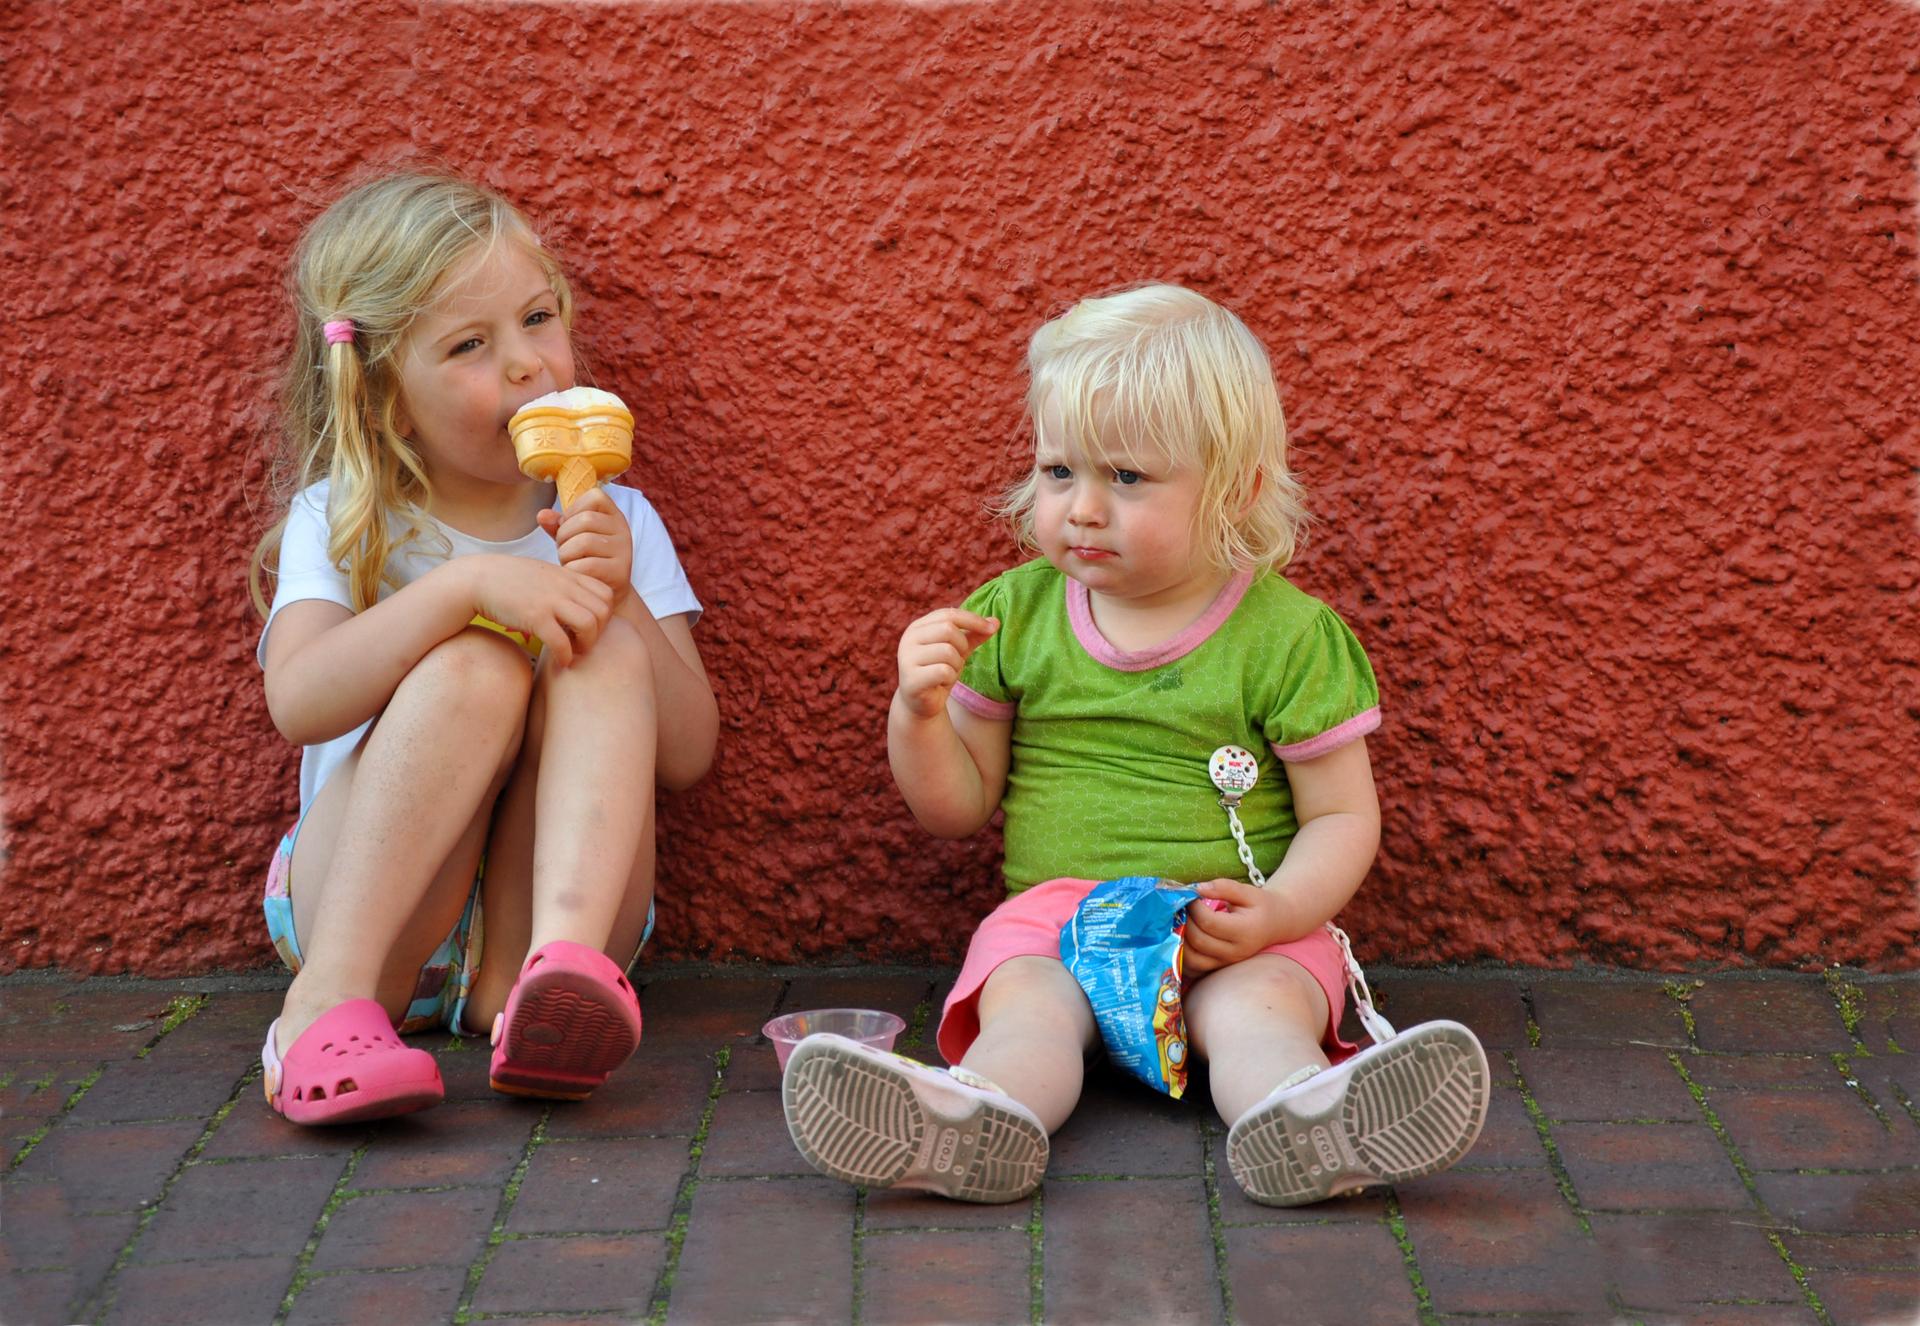 יואל שתרוג - אדמה יוצרת - yoel sitruk אושר - ילדים - שנה טובה